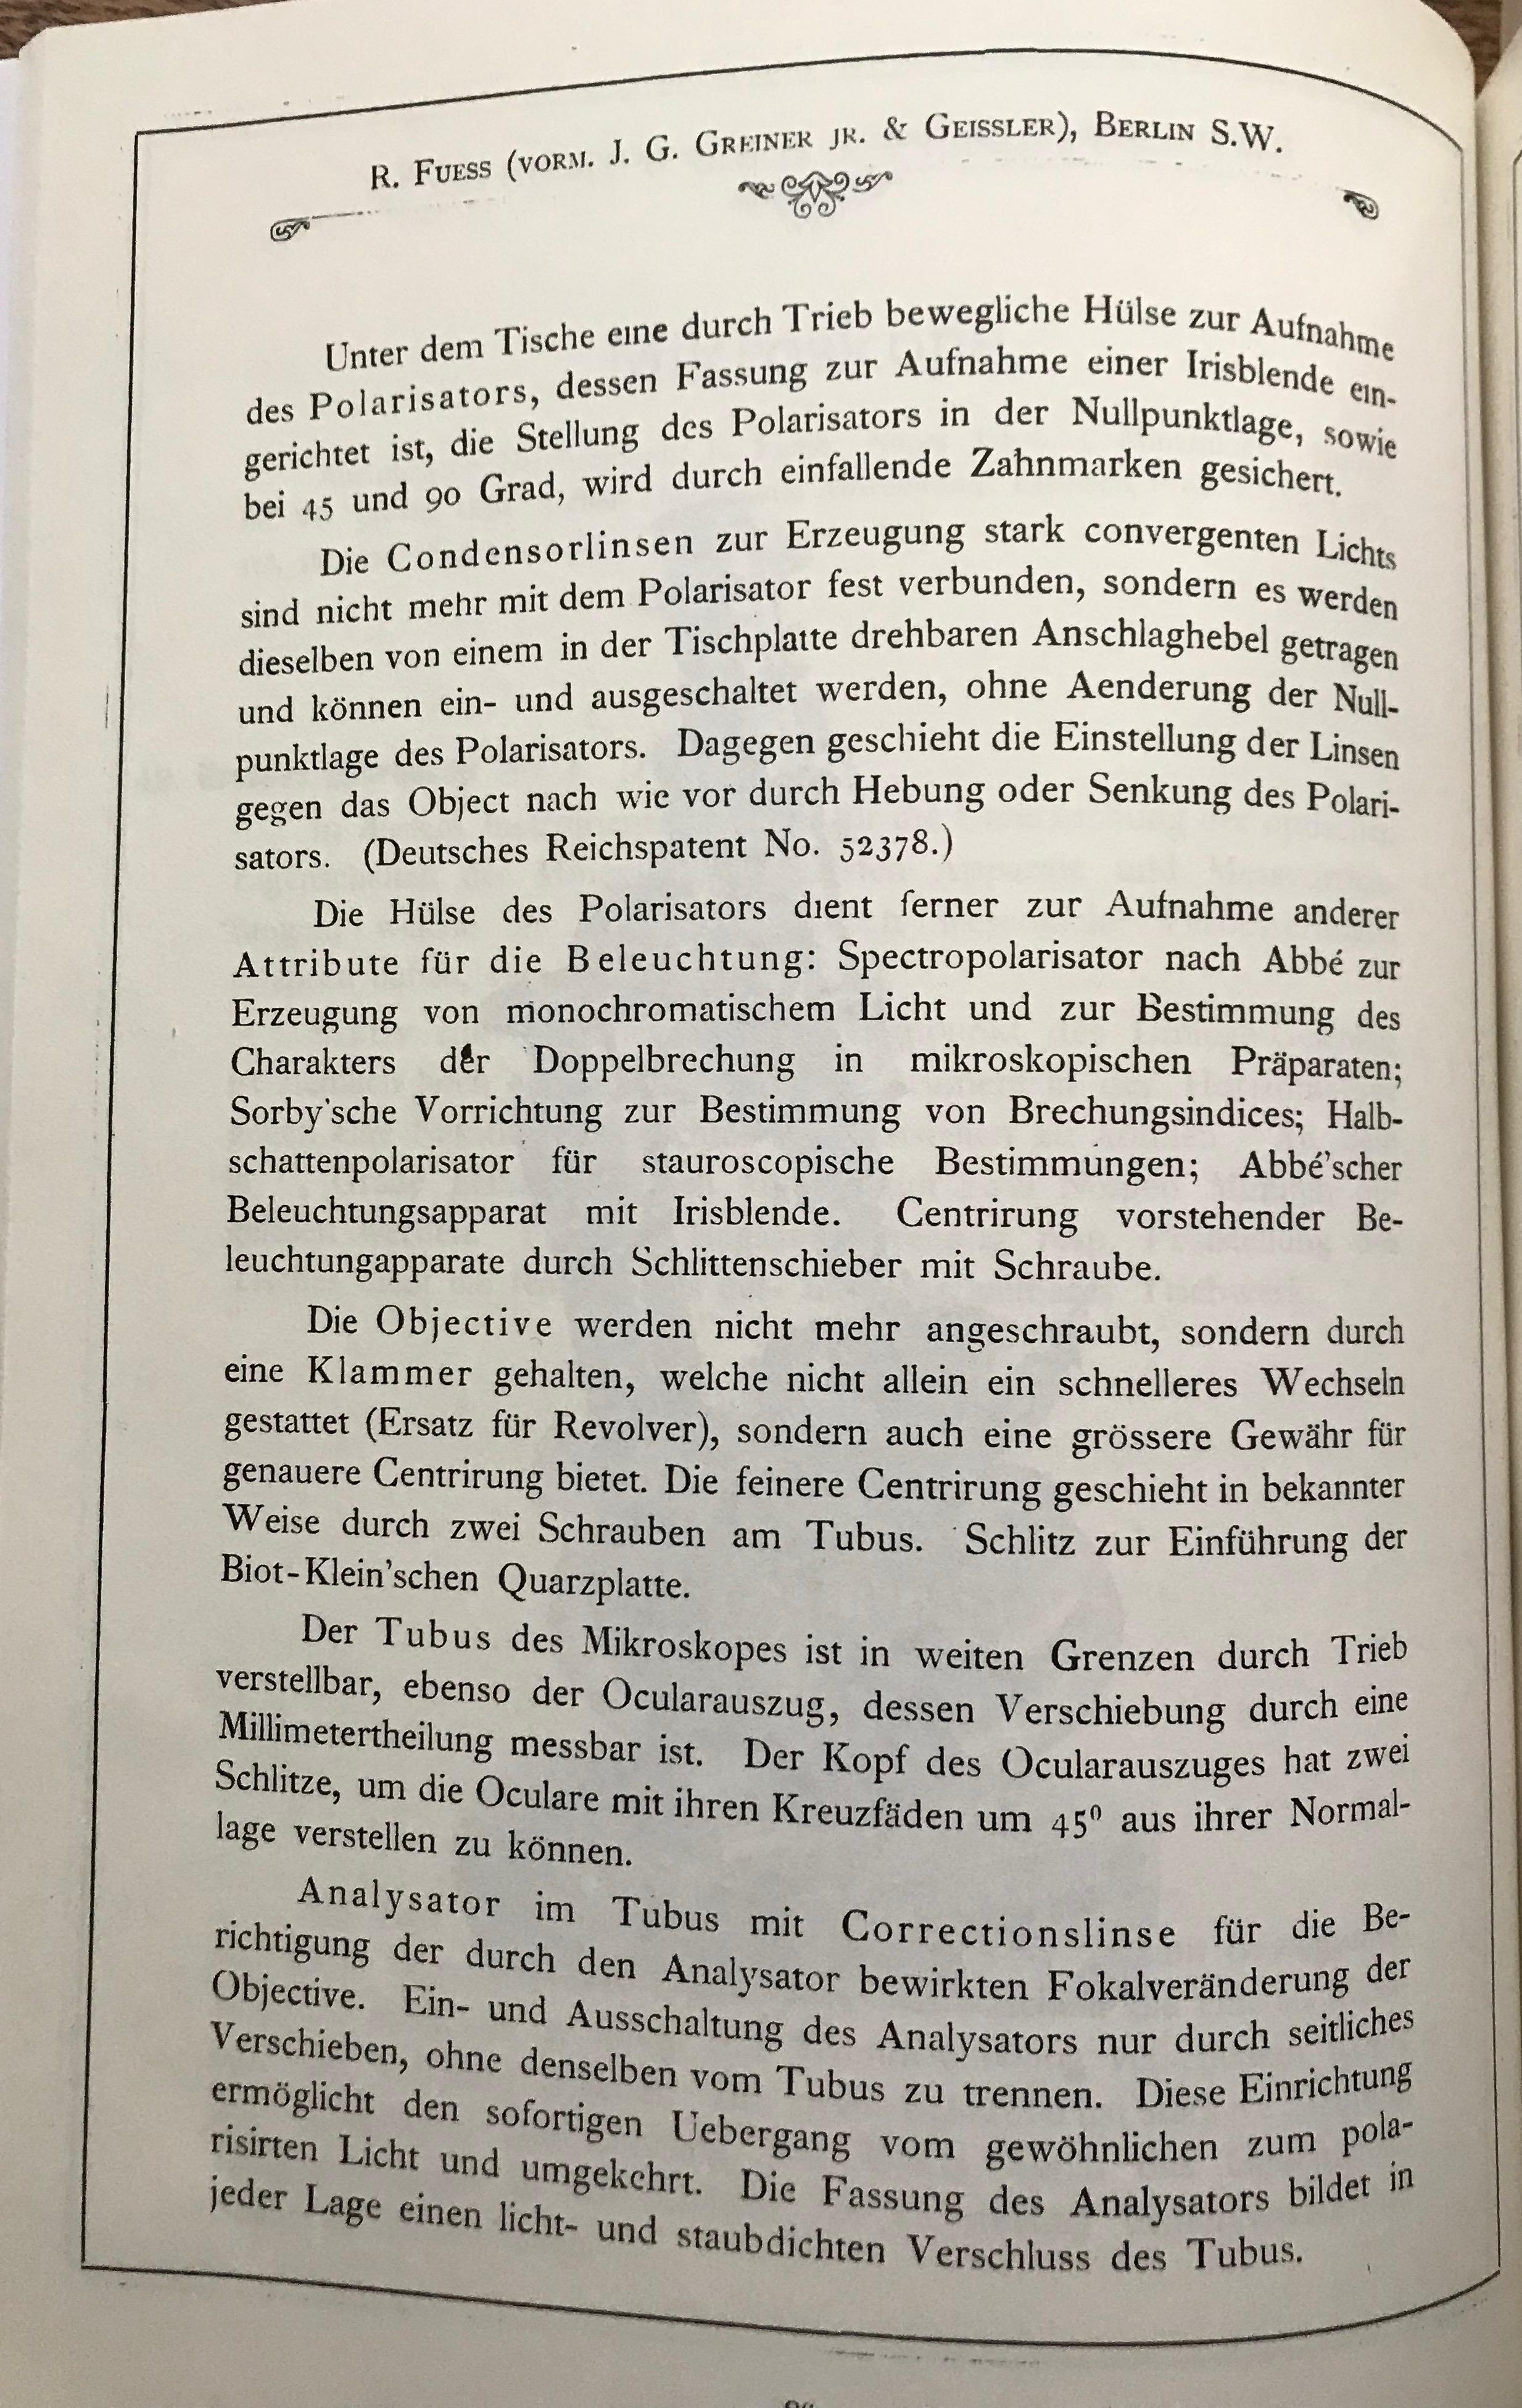 Fuess 1890 catalogue_003.jpeg